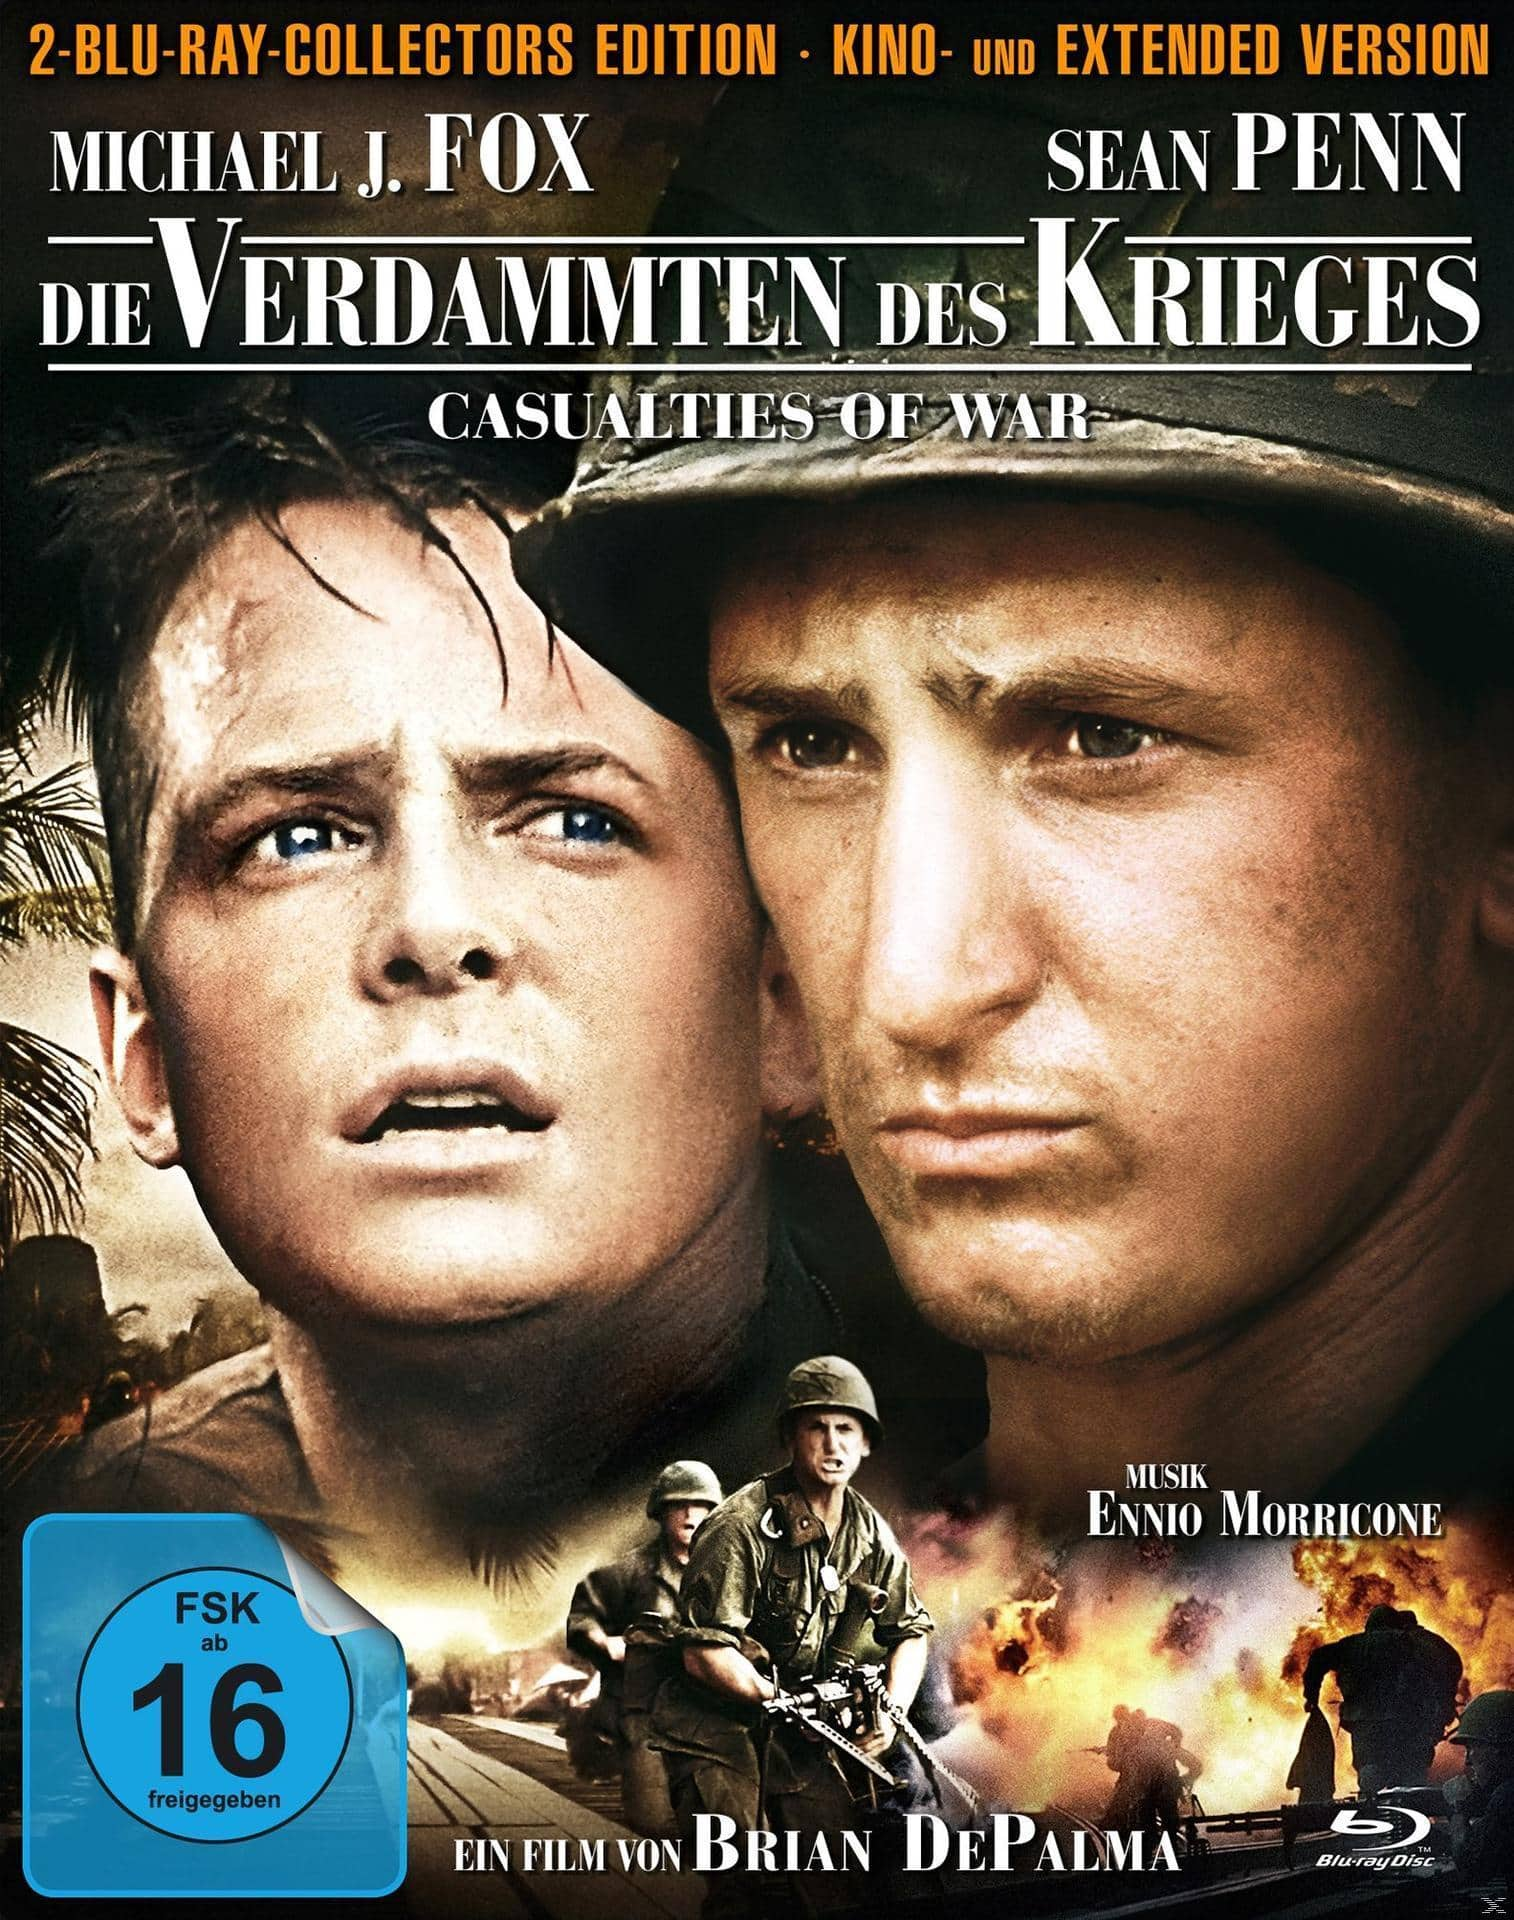 Die Verdammten des Krieges Collector's Edition (BLU-RAY) für 20,46 Euro